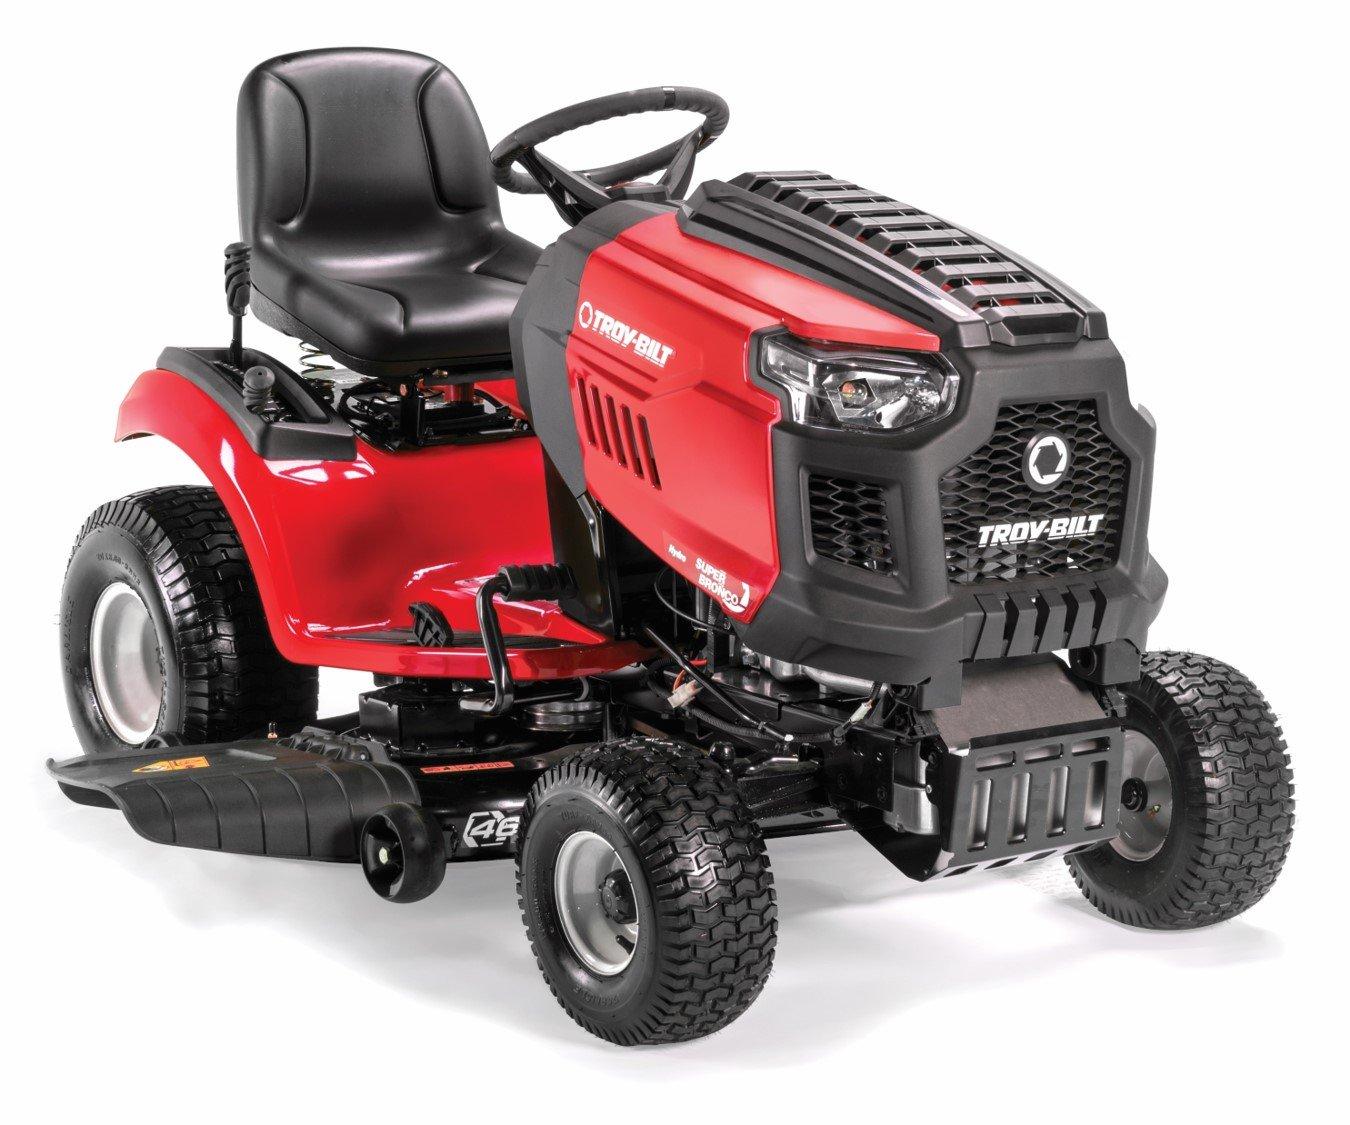 Troy-Bilt TB2246 22HP/656cc Twin Cylinder Foot Hydro Transmission 46-inch Riding Lawn Tractor